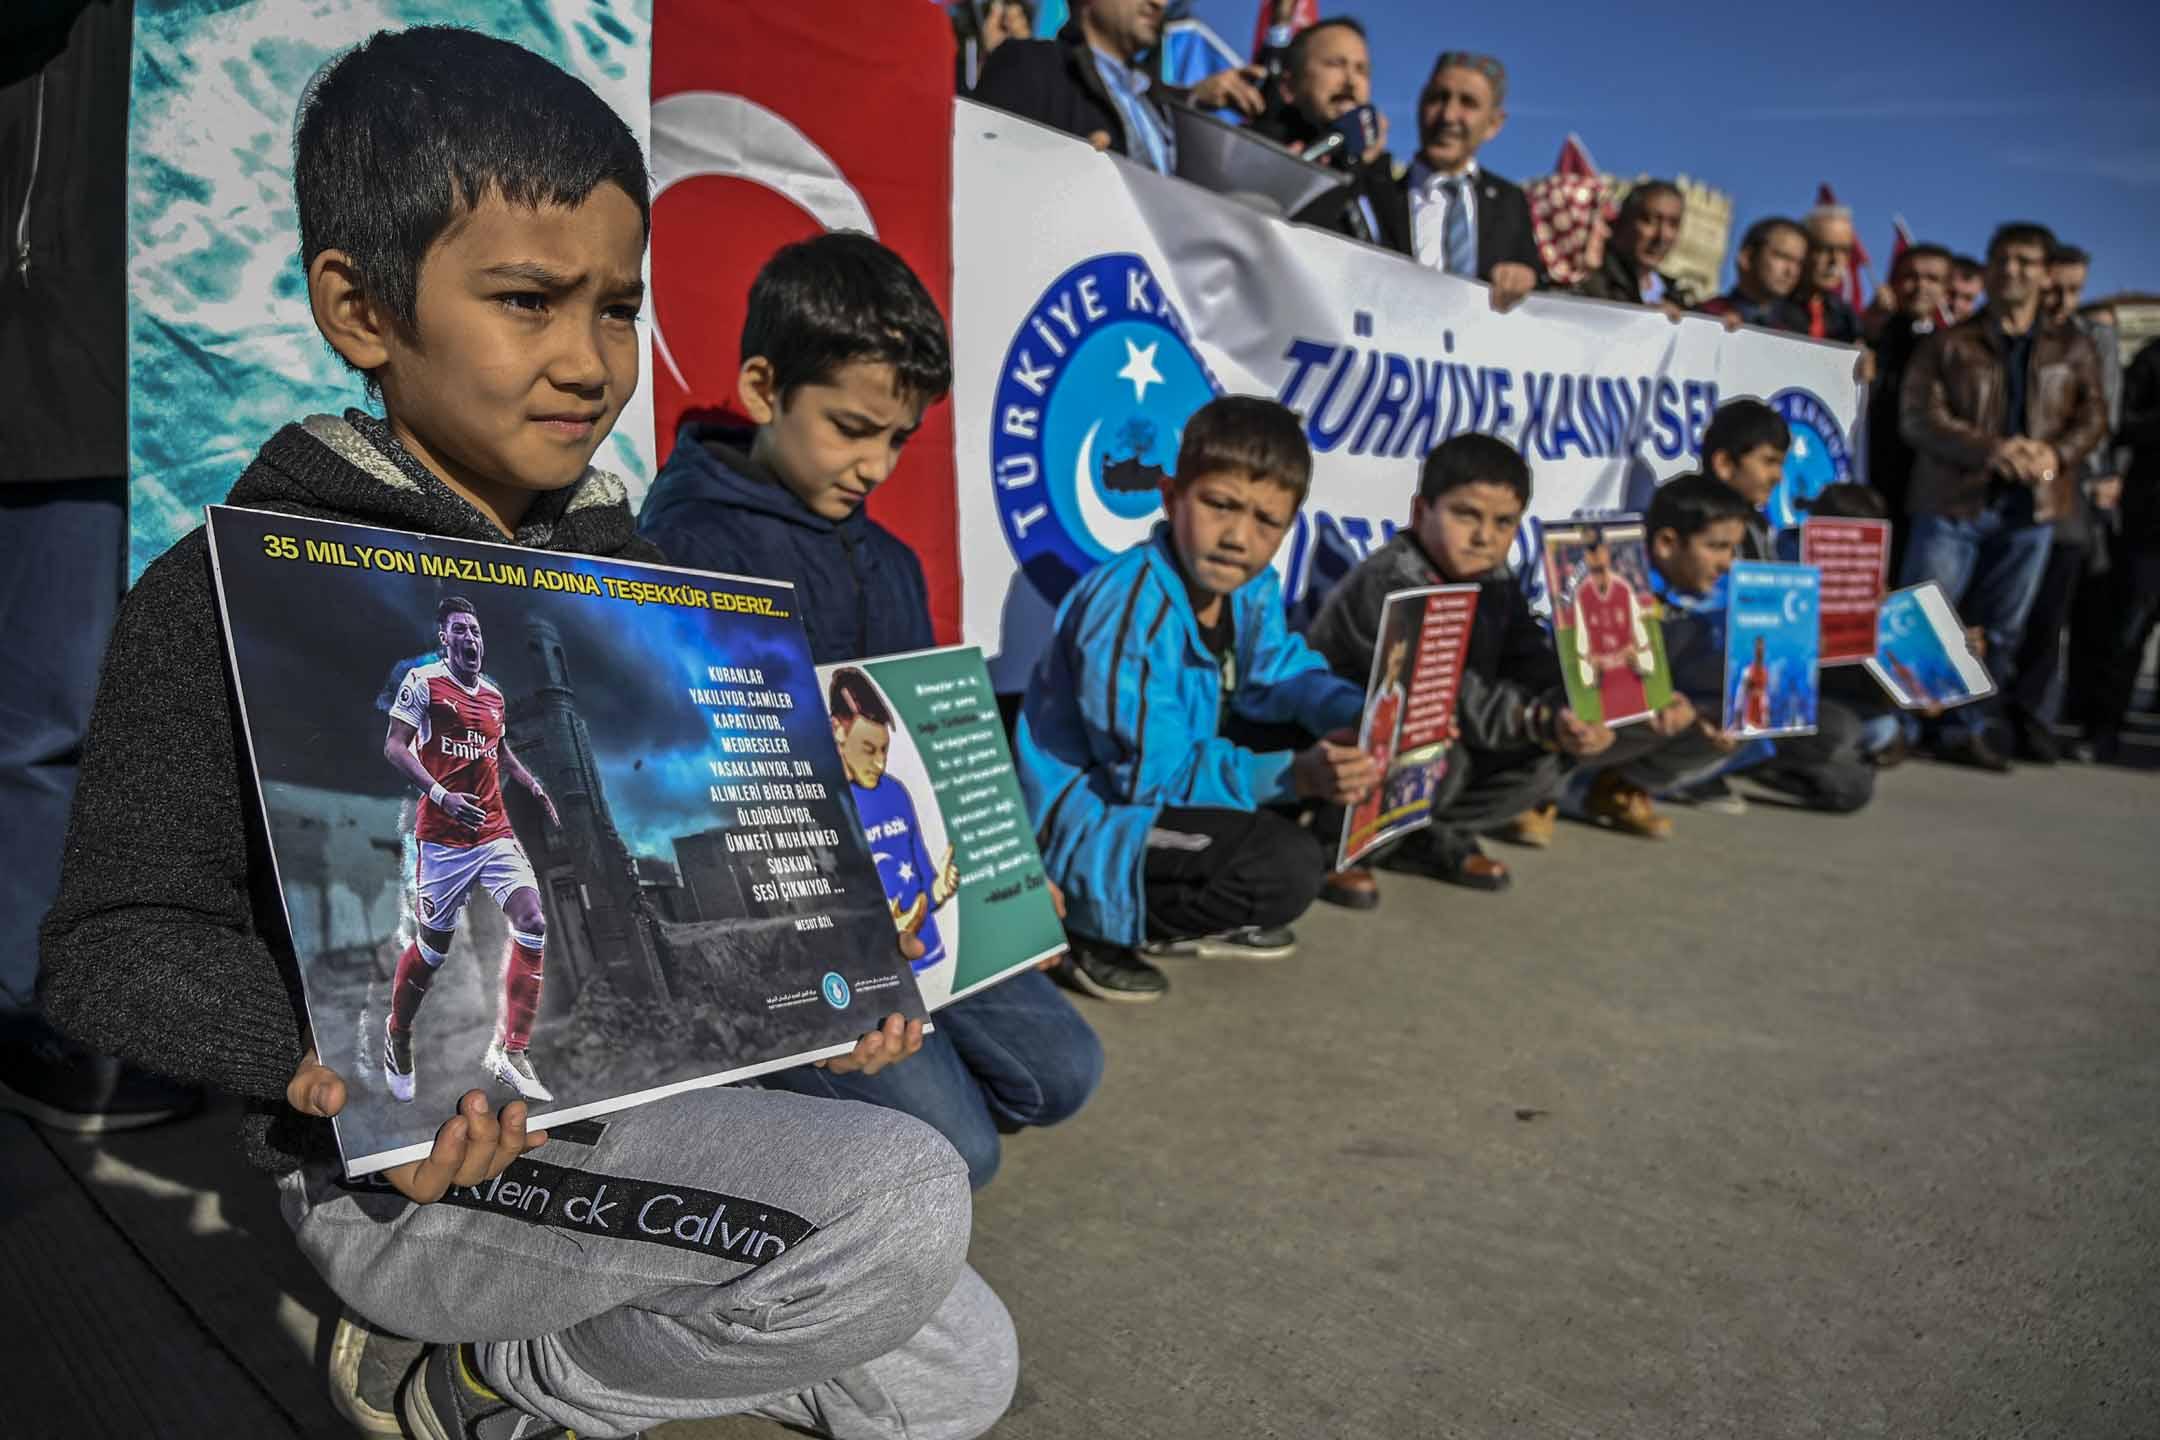 2019年12月14日,維吾爾族兒童在土耳其伊斯坦堡Beyazid廣場請願,聲援土耳其裔的德國球星奧斯爾。